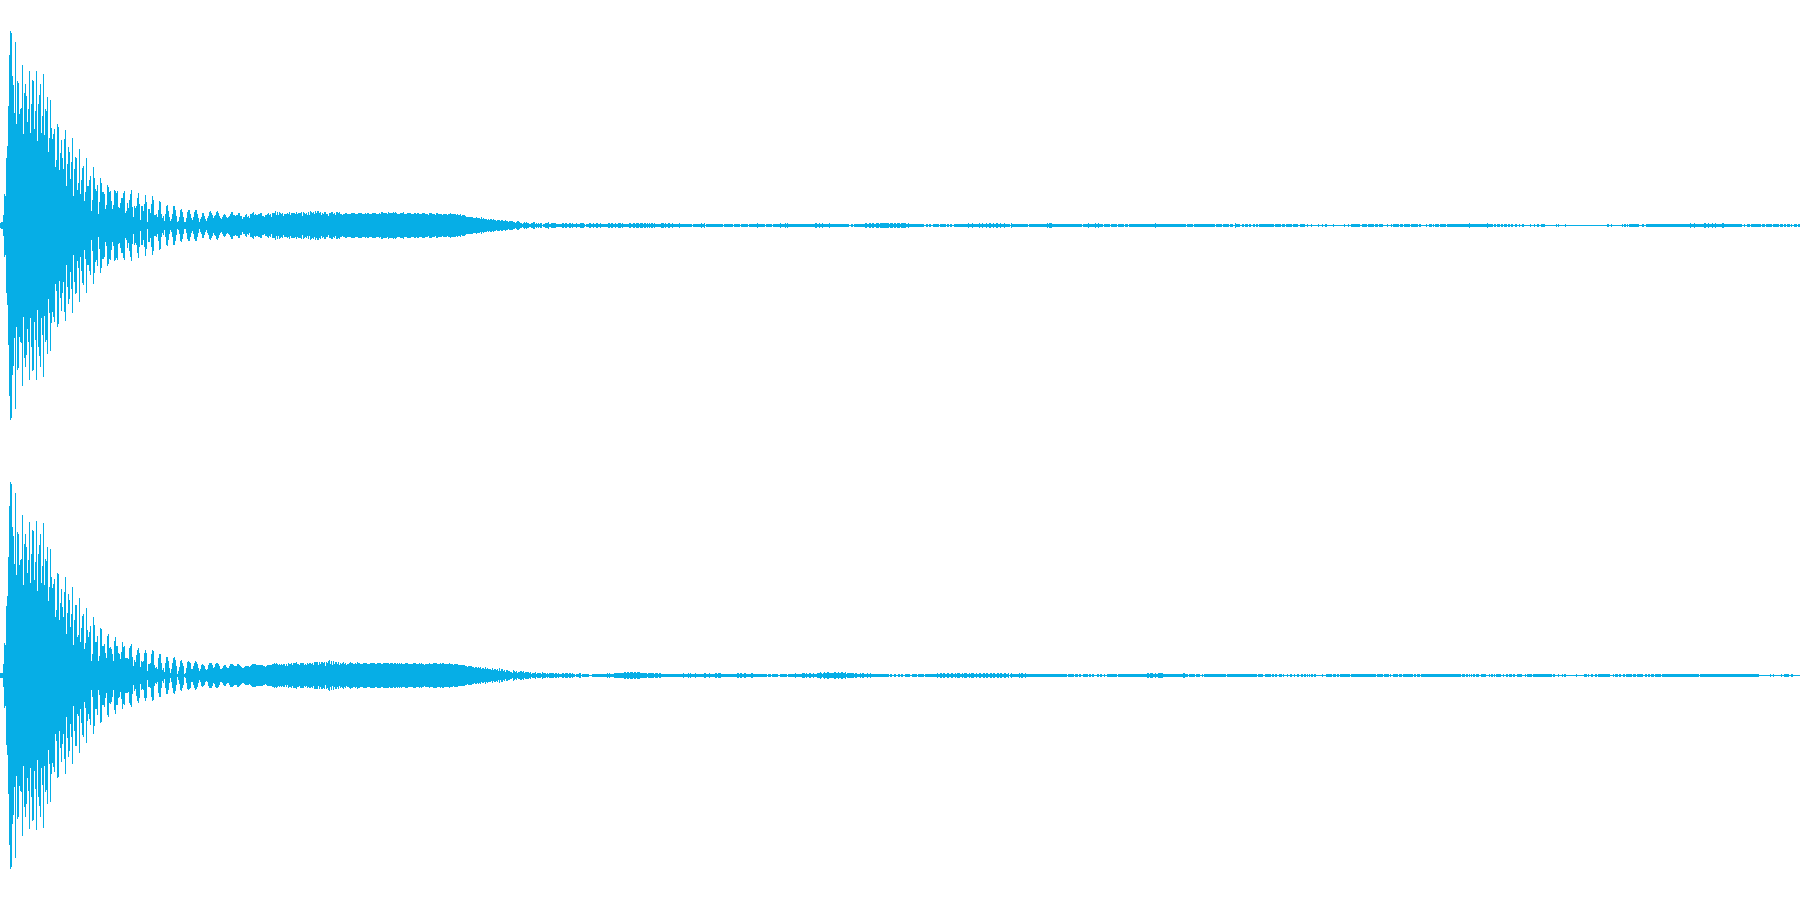 Count カウントダウン 単発音 2の再生済みの波形